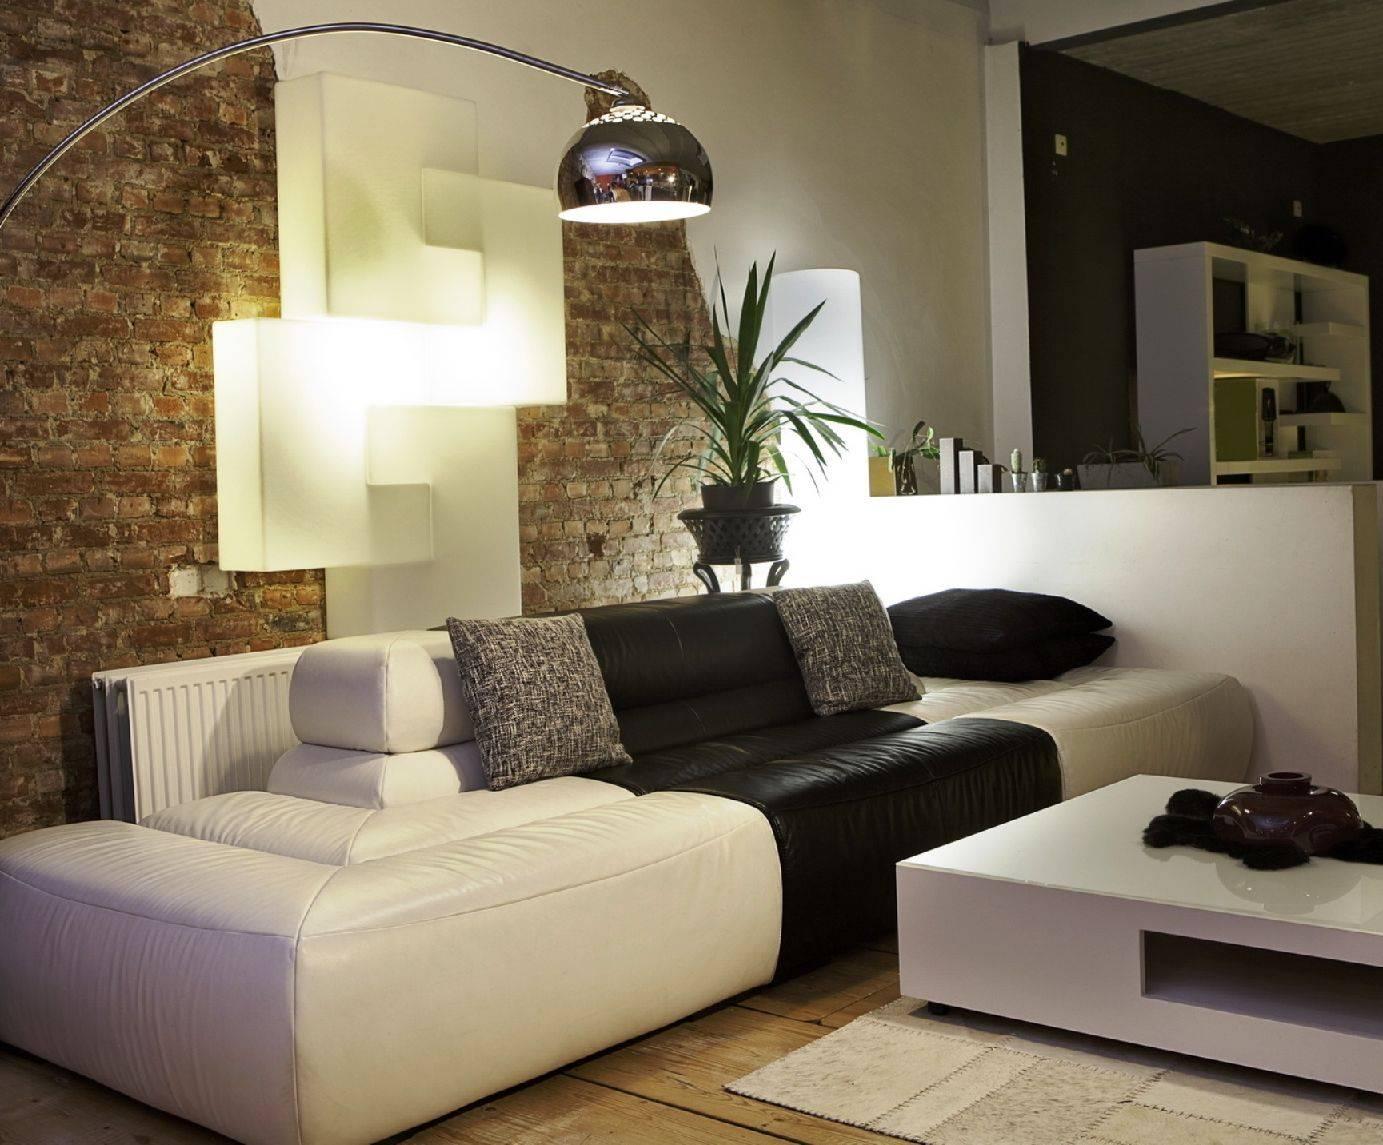 Популярные стили диванов (115 фото): хай-тек и модерн, скандинавский, английский, барокко, кантри, ампир и современные стили